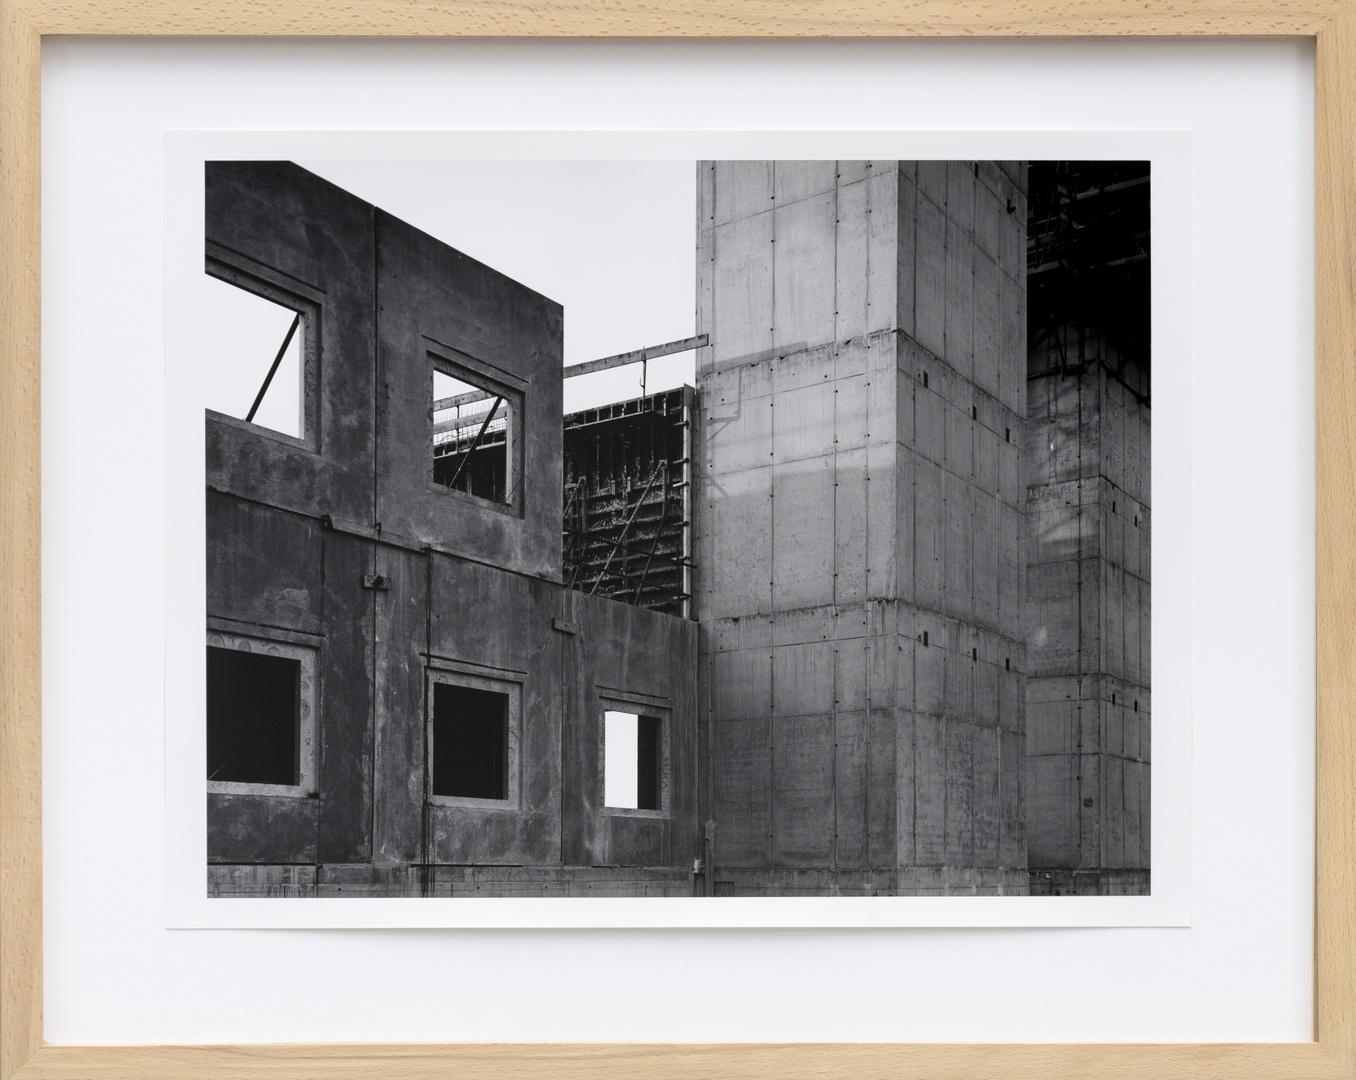 Bouw Bonnefantenmuseum 1992-1994 ; Bekleding kopse kant noordvleugel